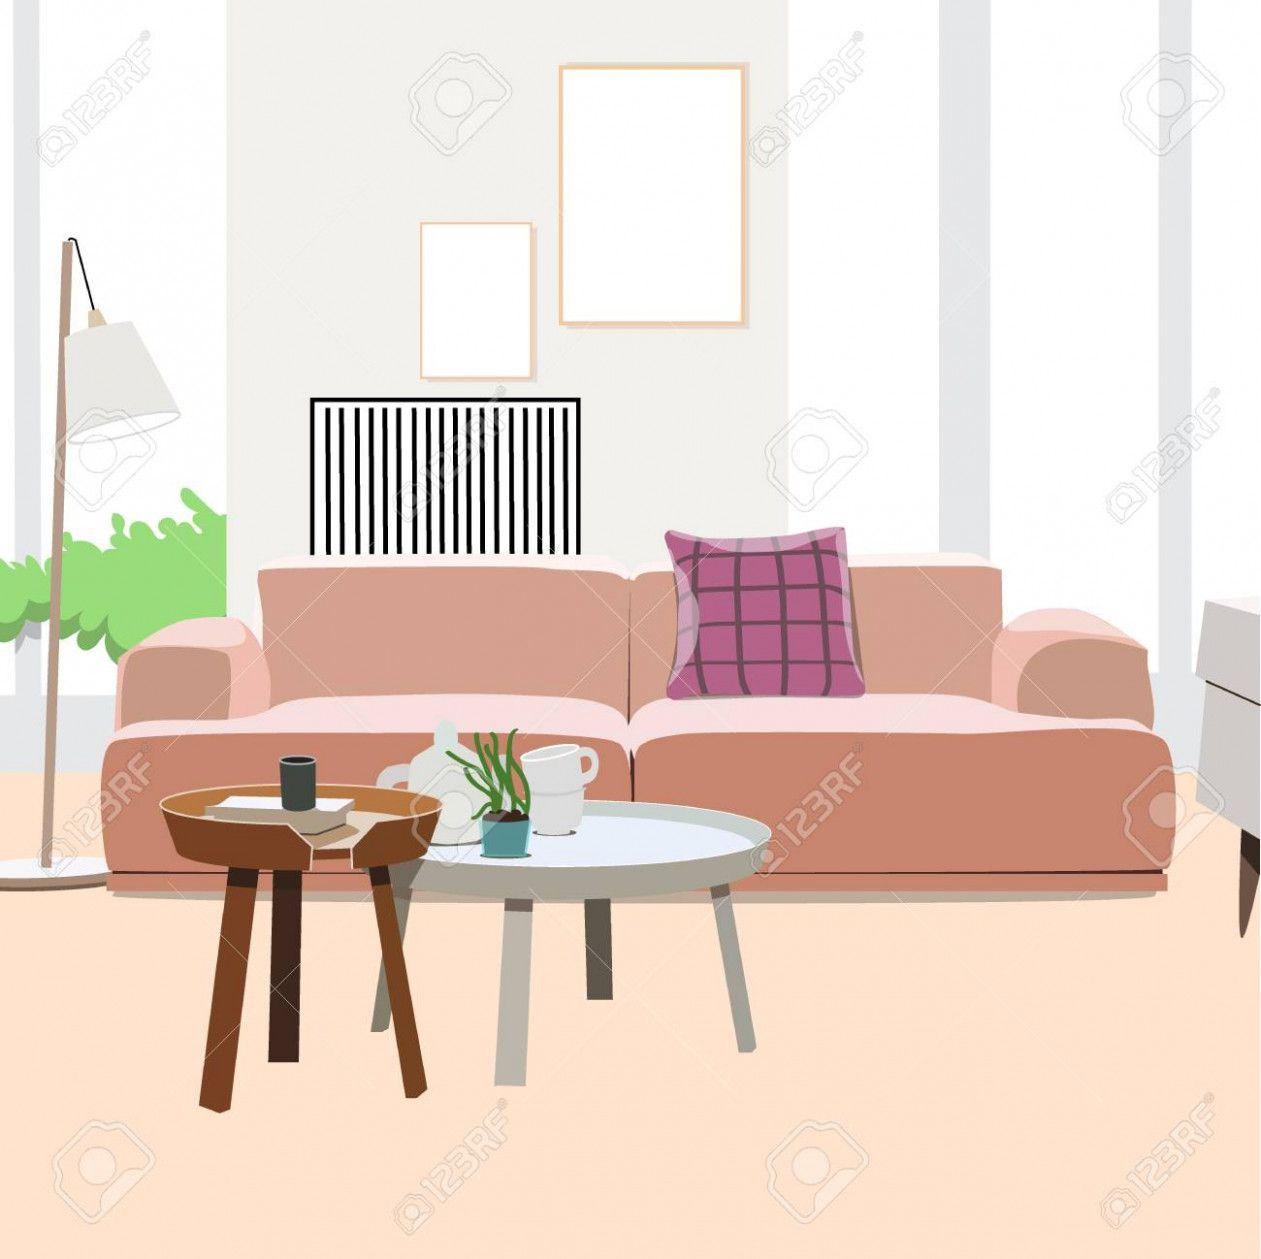 10 Living Room Interior Vector Illustration Living Room Interior Room Interior Living Room Design Modern